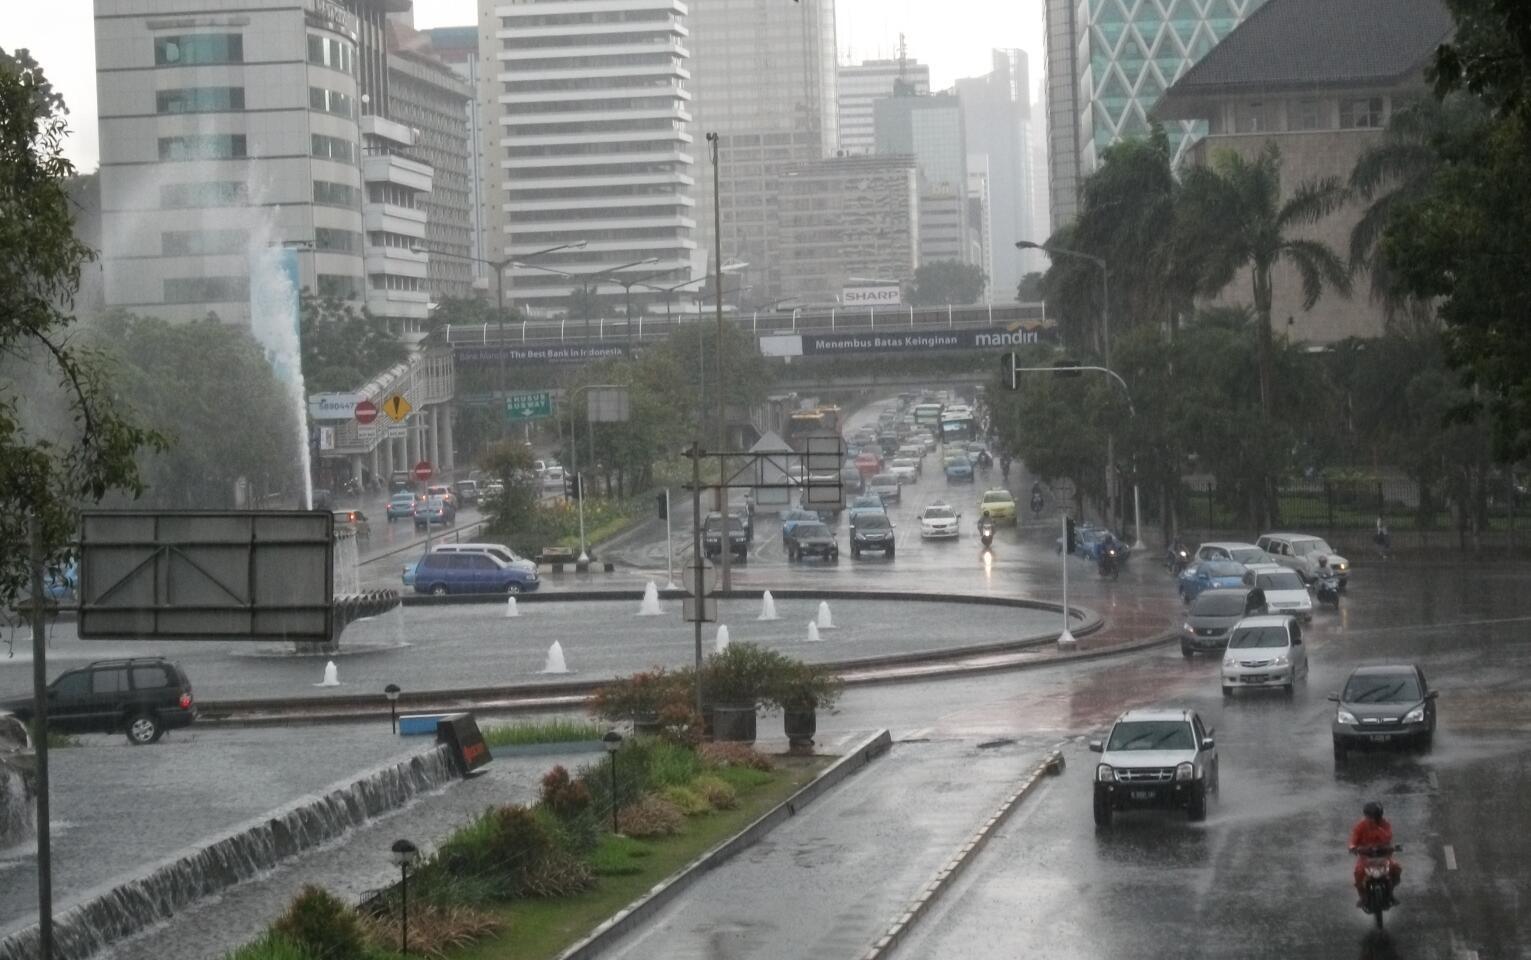 Hujan Lebat hingga 5 hari ke depan, BMKG Imbau Masyarakat Waspada Banjir dan Longsor